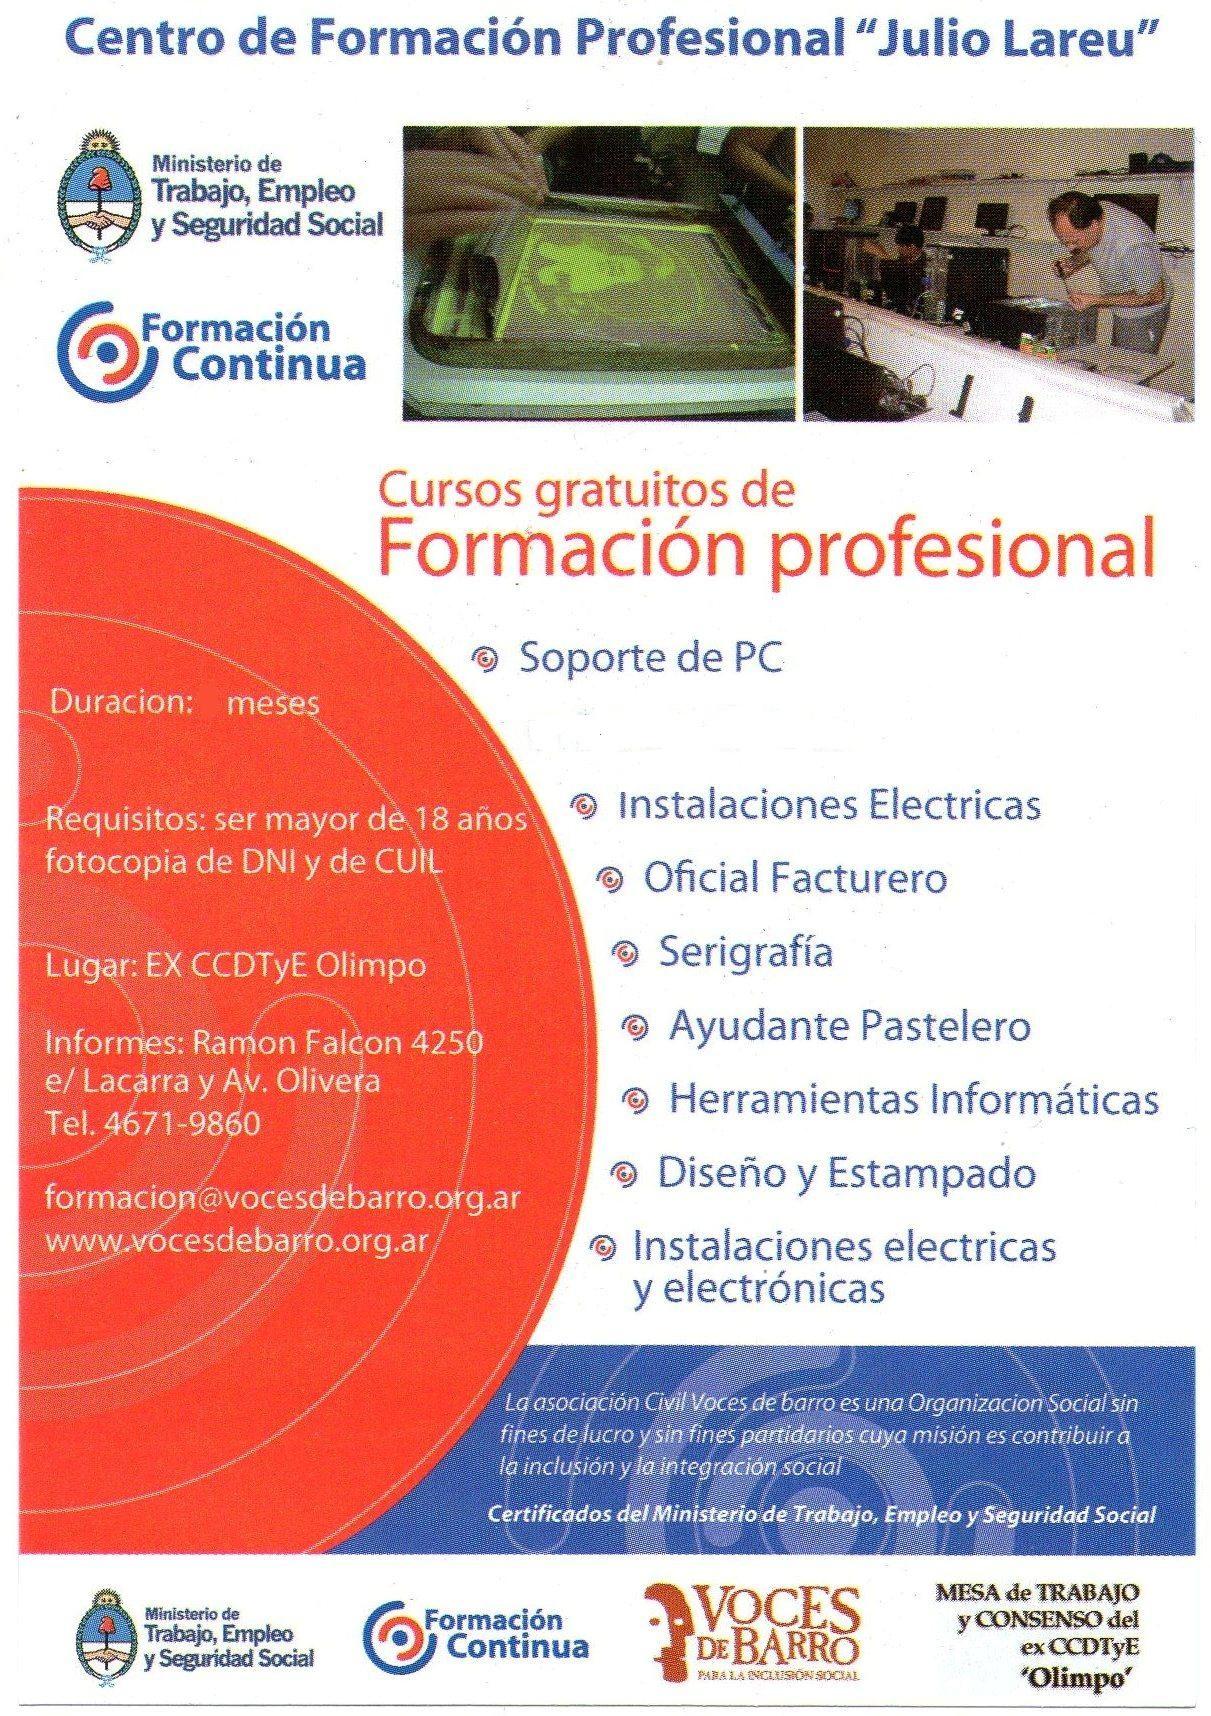 Cursos de Formación Profesional - en febrero abren las pre-inscripciones - ¡reservá tu vacante!